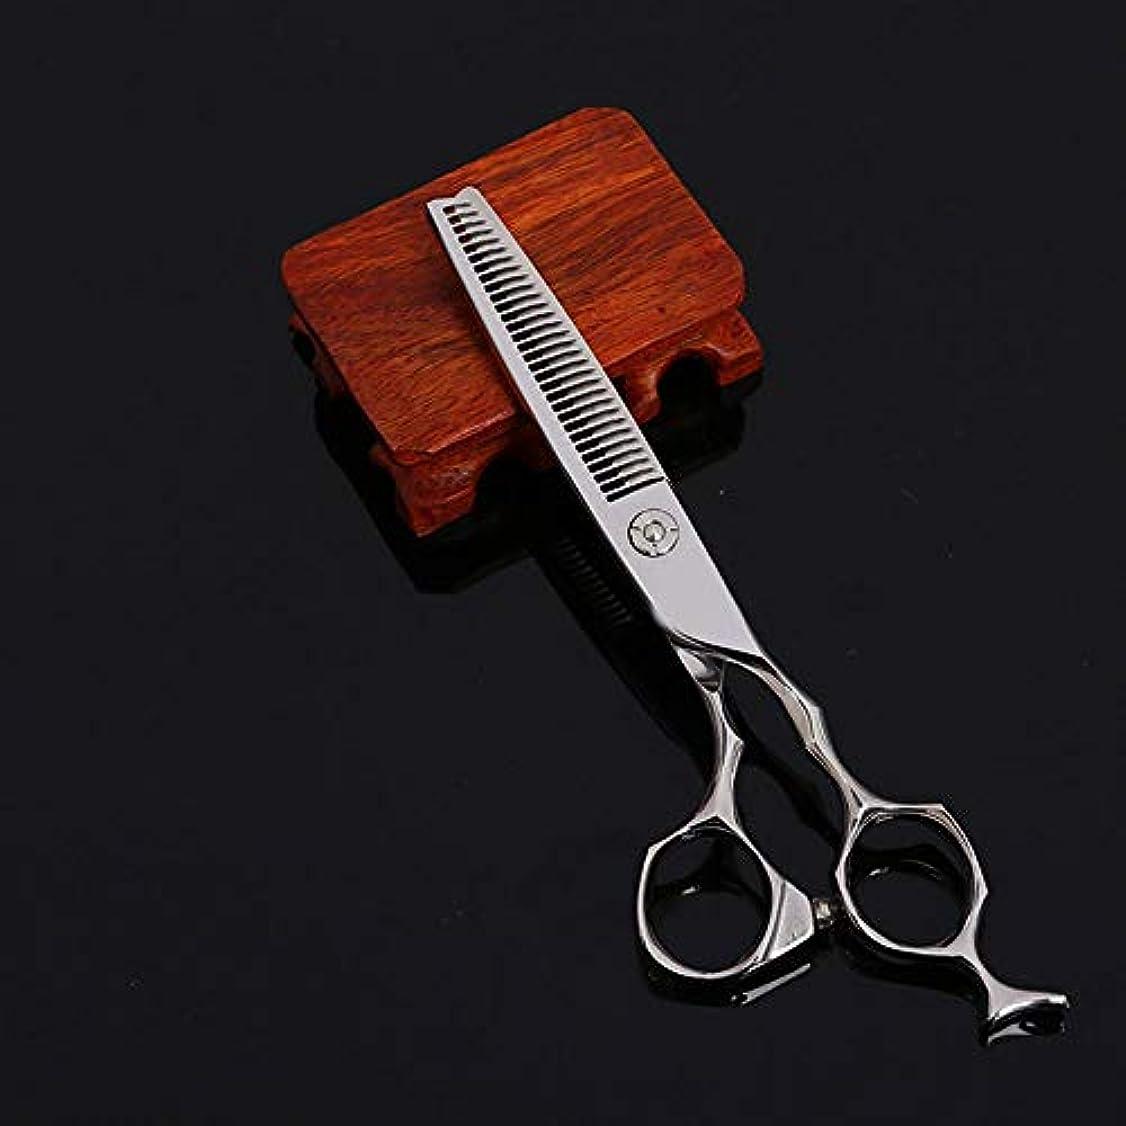 コードレス満州横440C物質的な前髪の理髪はさみ、6インチの美容院の専門の理髪はさみ ヘアケア (色 : Silver)